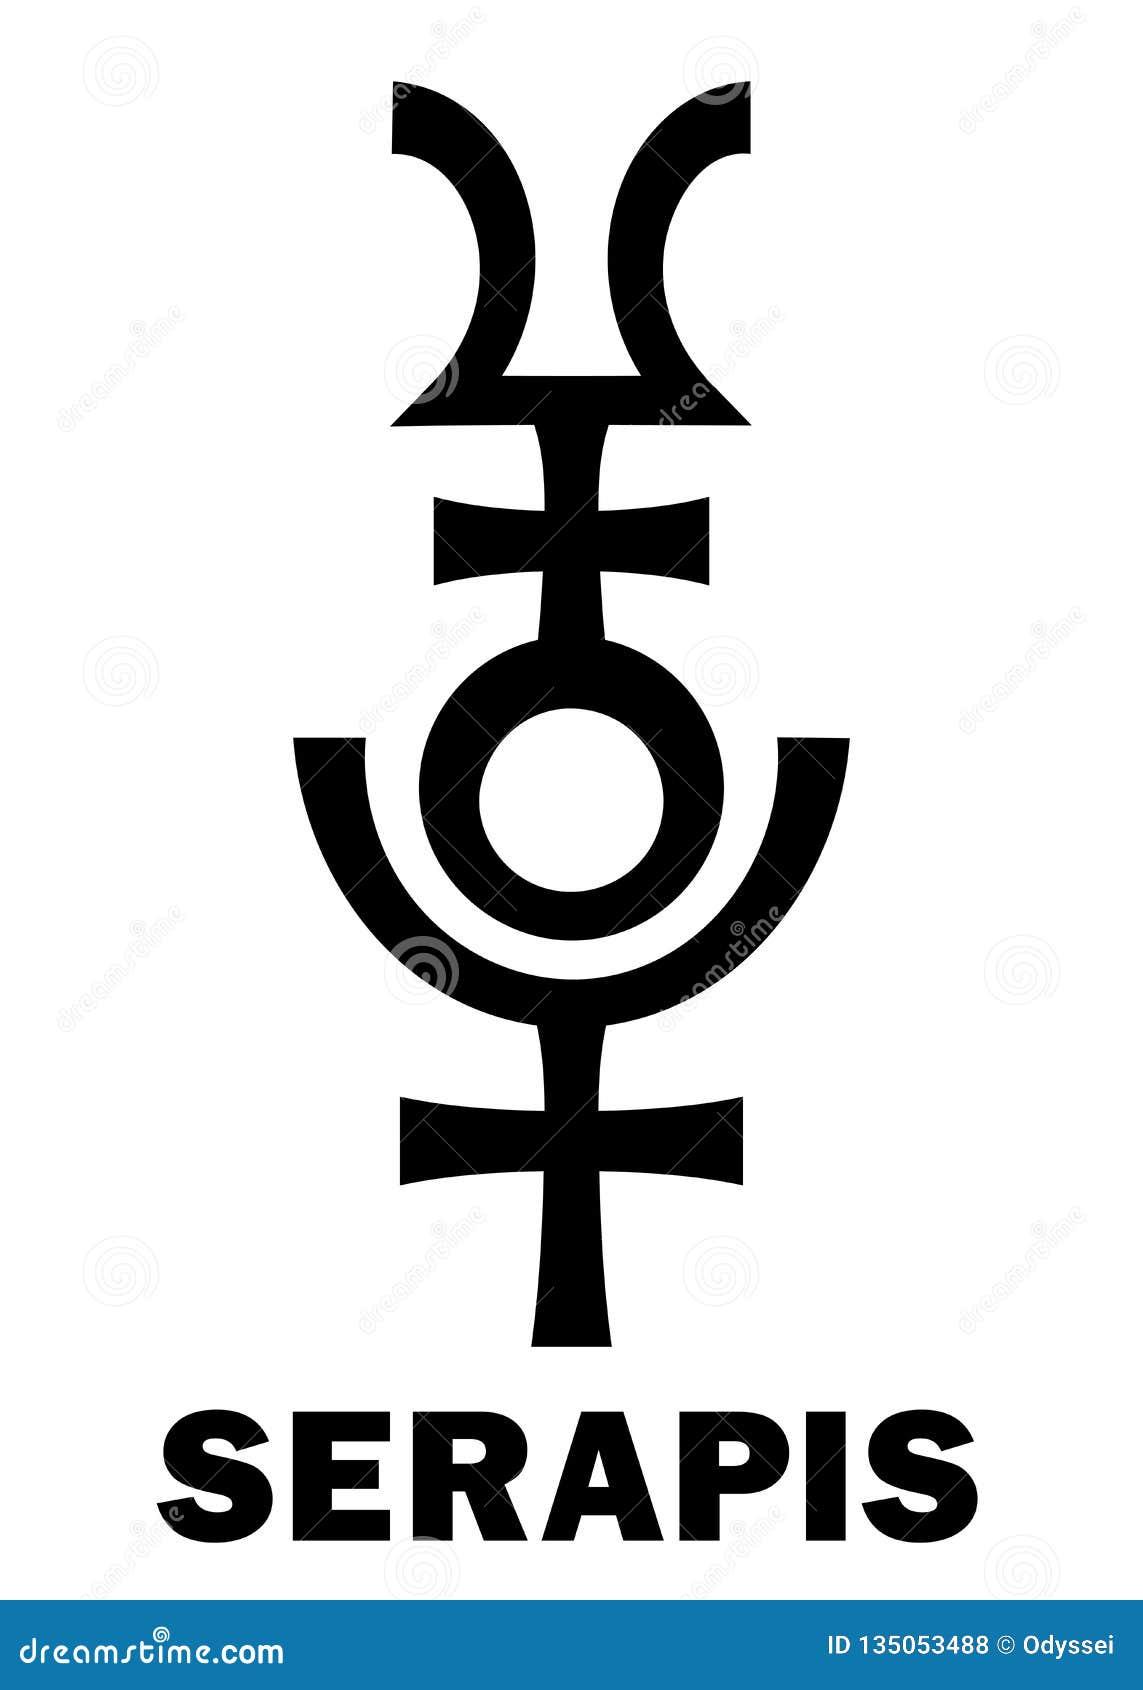 Astrología: Dios Graeco-egipcio helenístico de SERAPIS